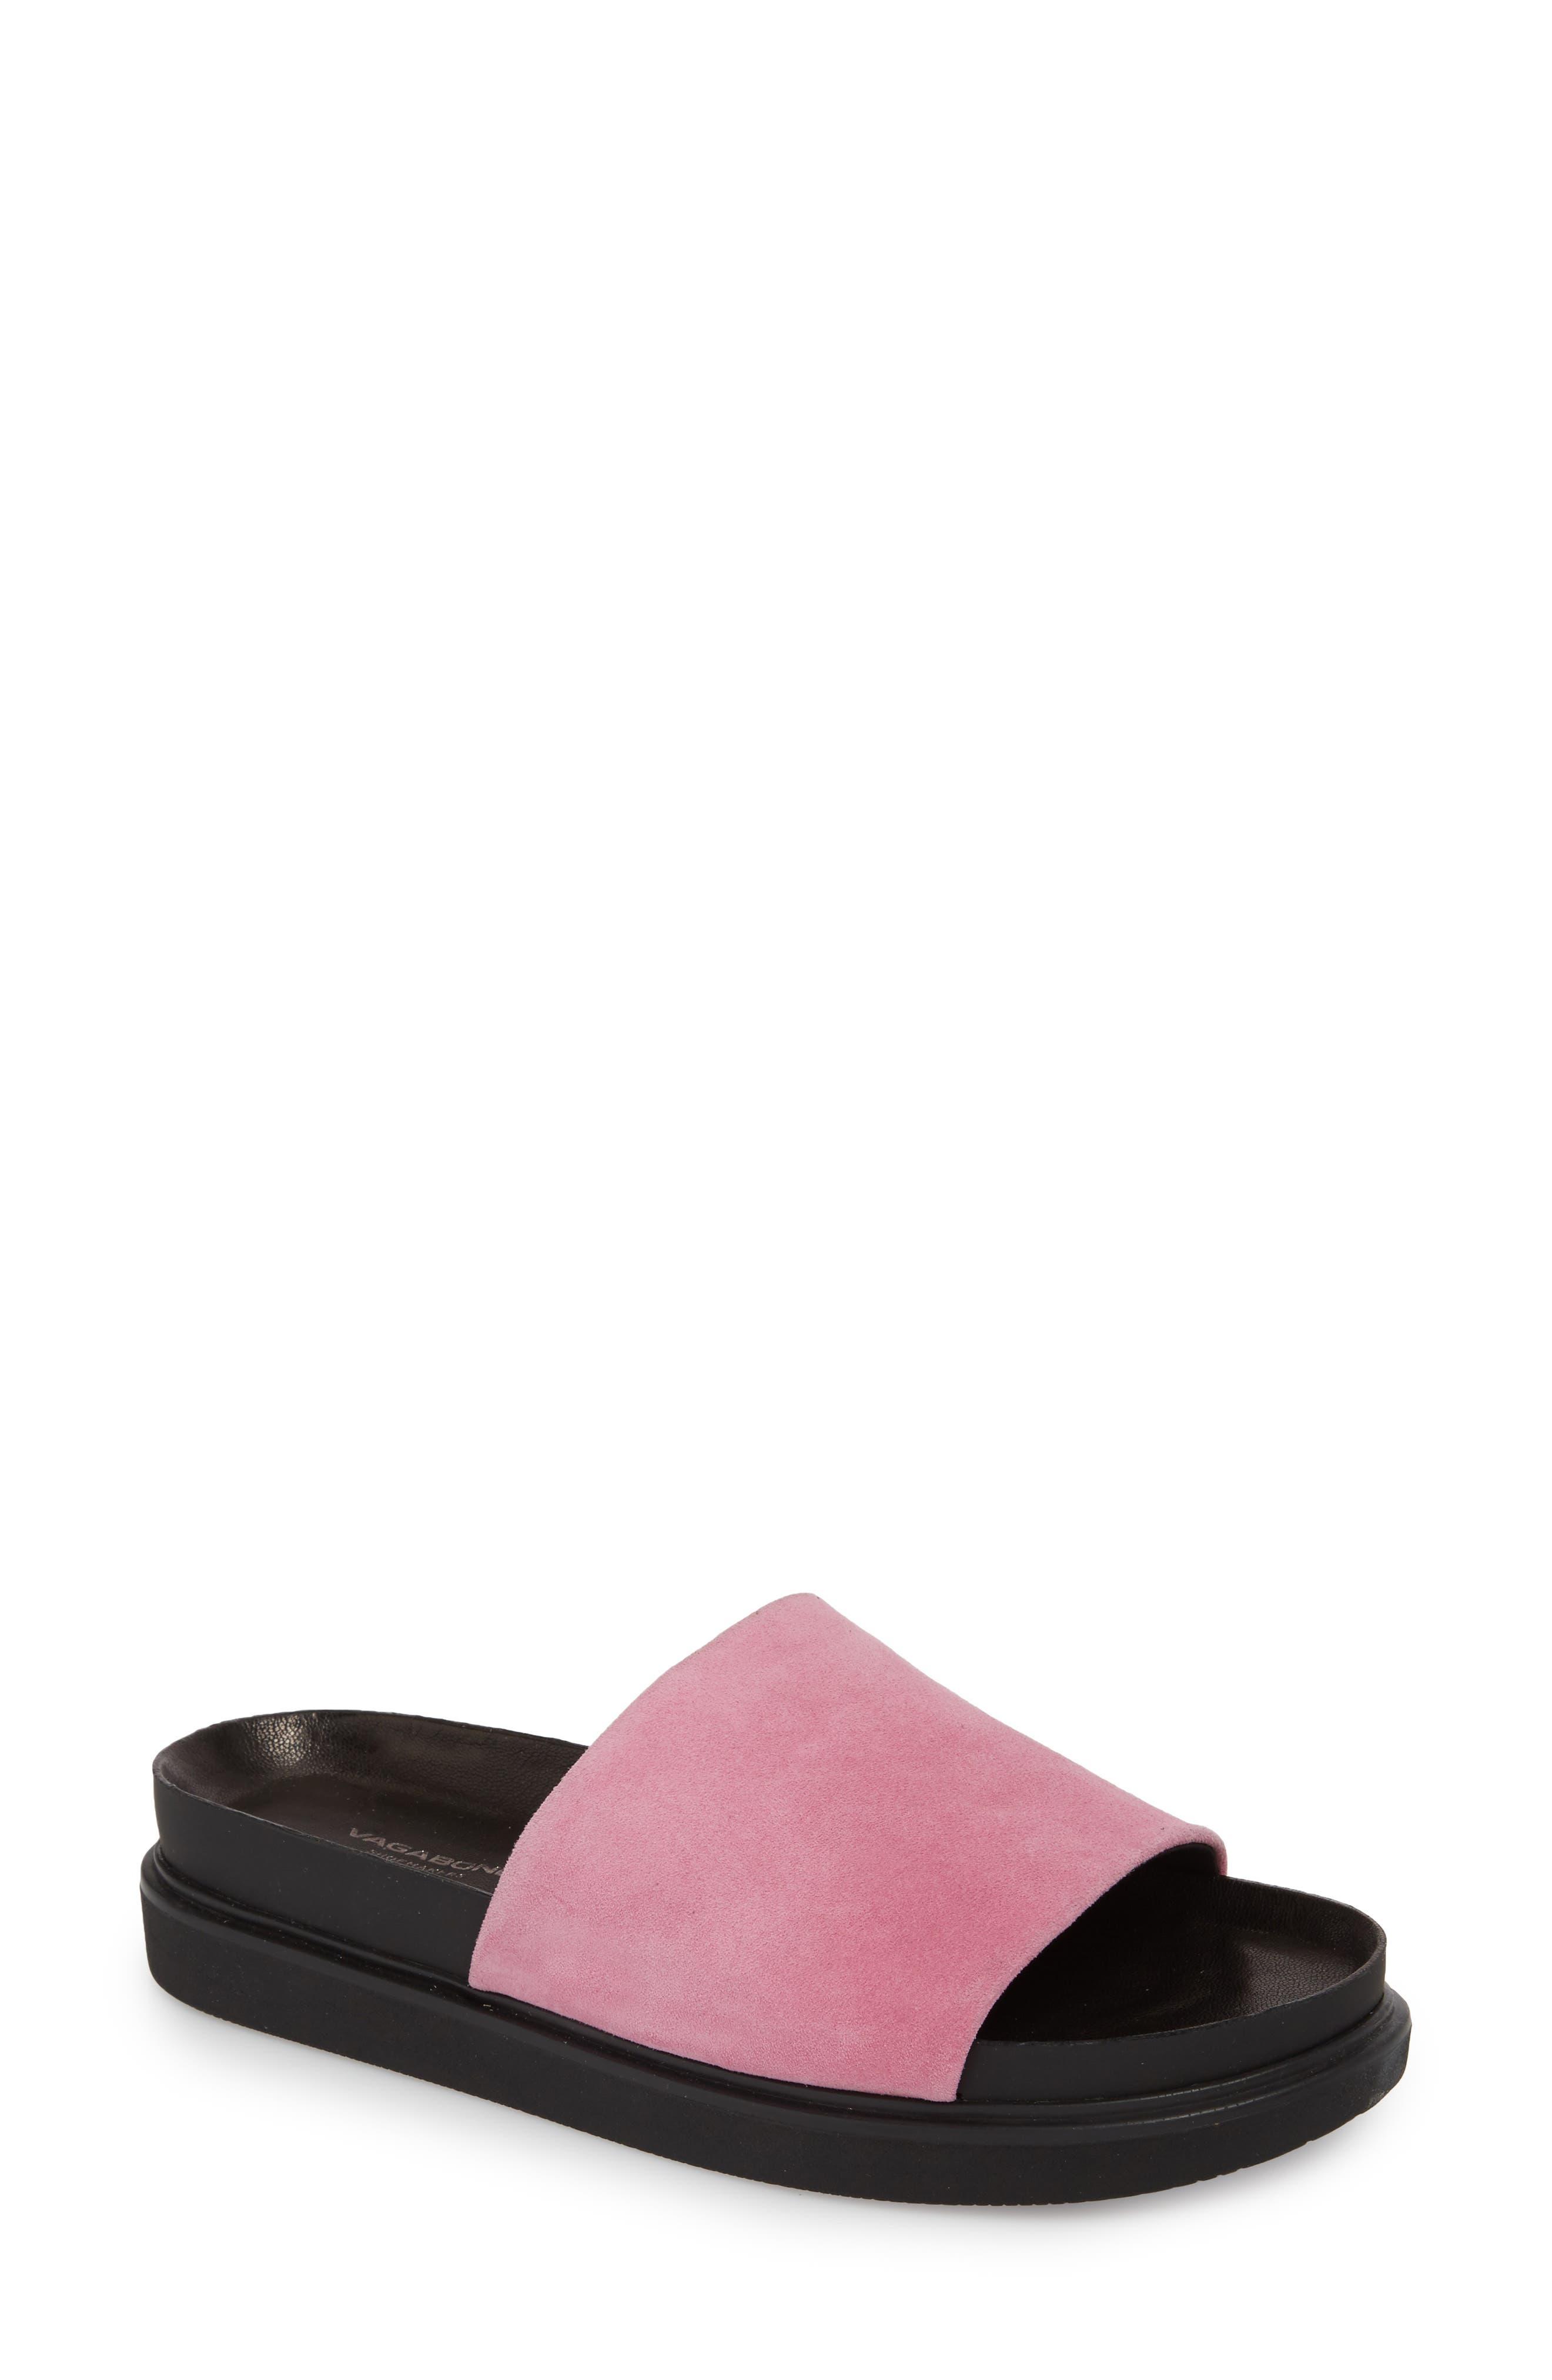 Vagabond Shoemakers Erin Slide Sandal, Pink